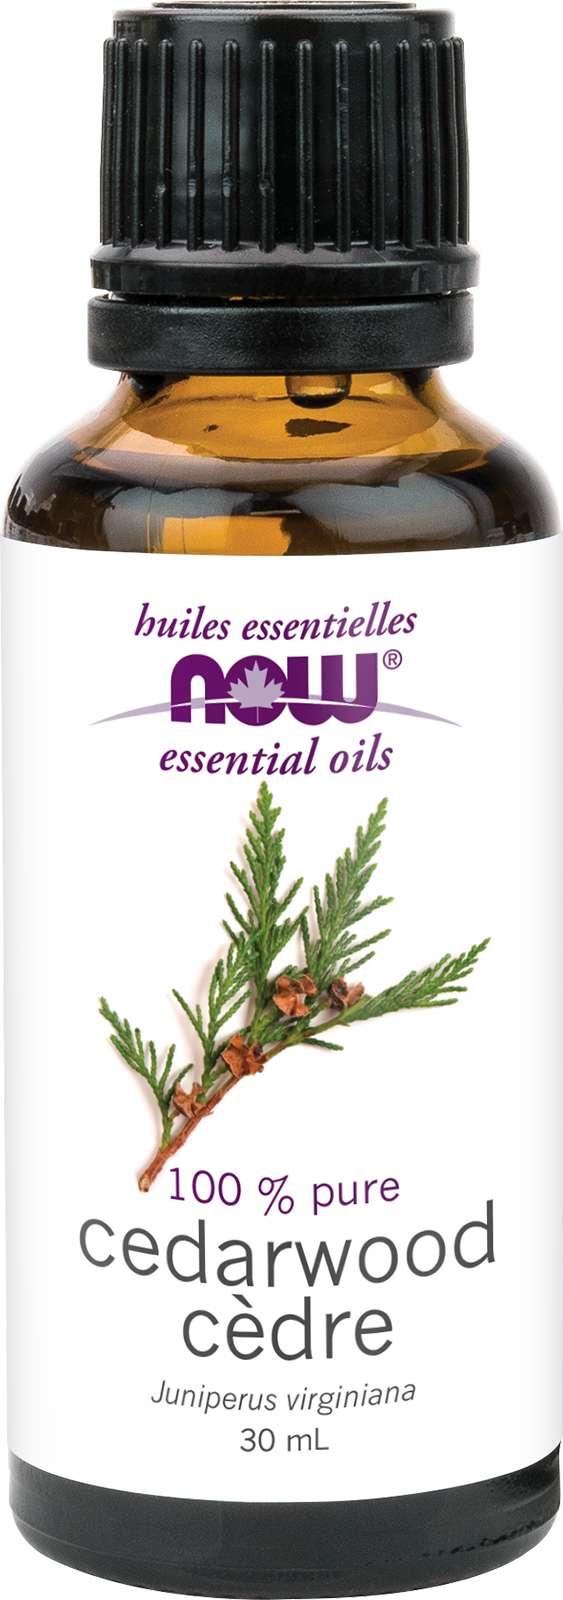 Cedarwood Oil (Juniperus virginiana) 30mL